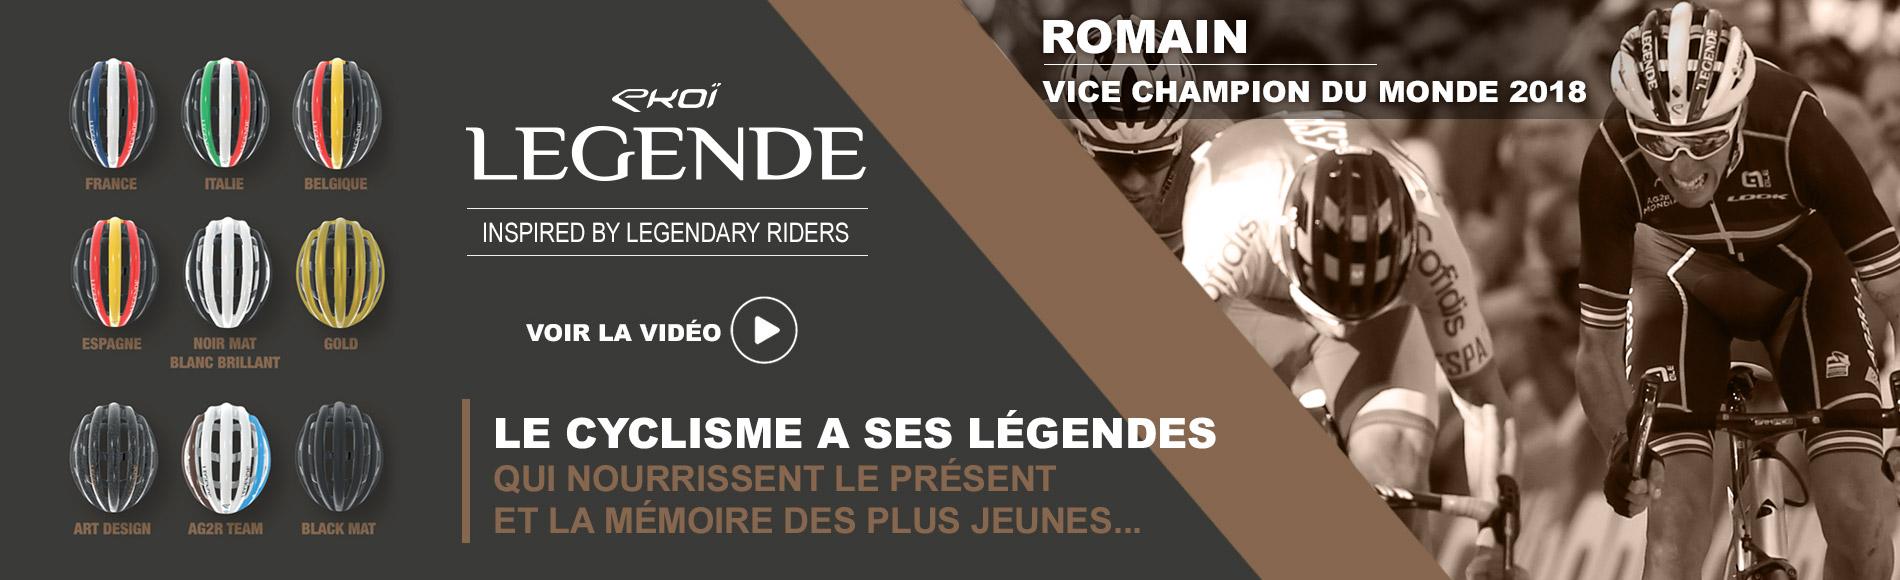 Casque EKOI LEGENDE Romain Bardet